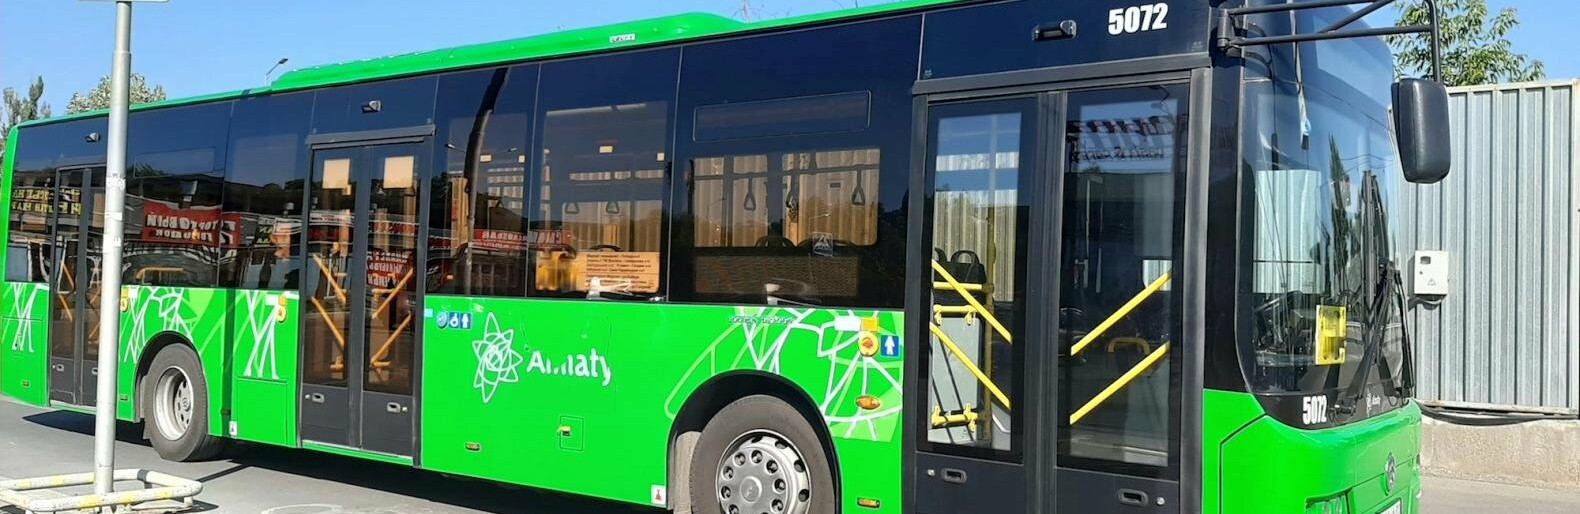 Новый маршрут запустили в Алматы 14 июля